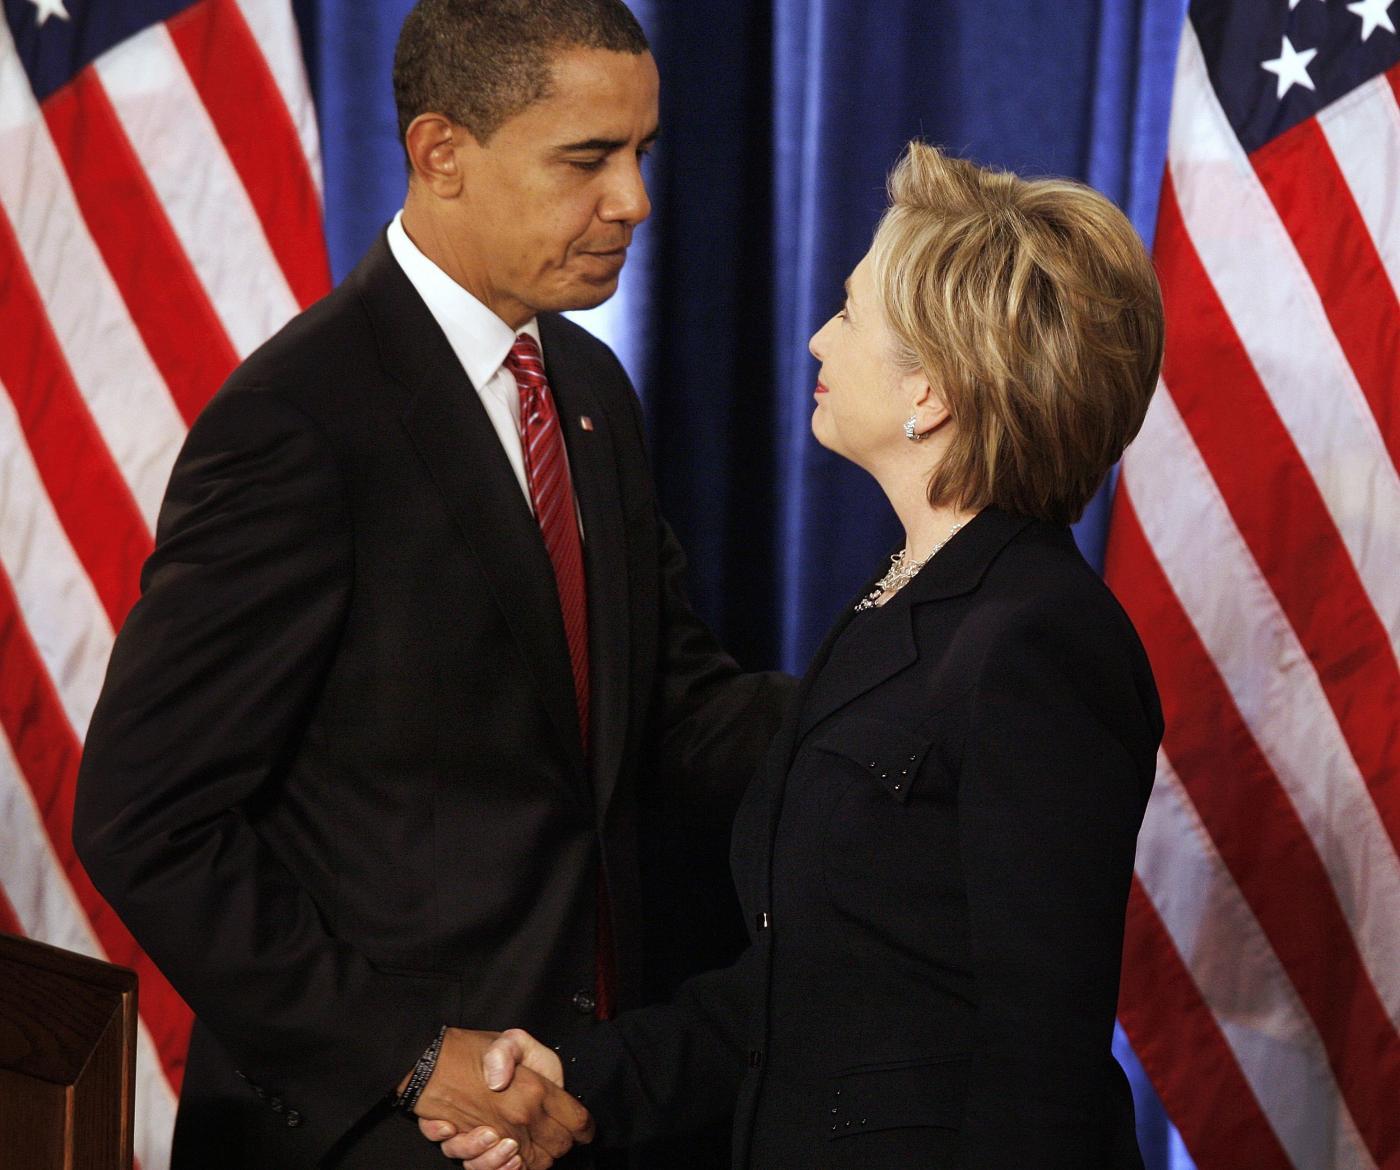 Barack Obama e Hillary Clinton: (non) c'eravamo tanto amati